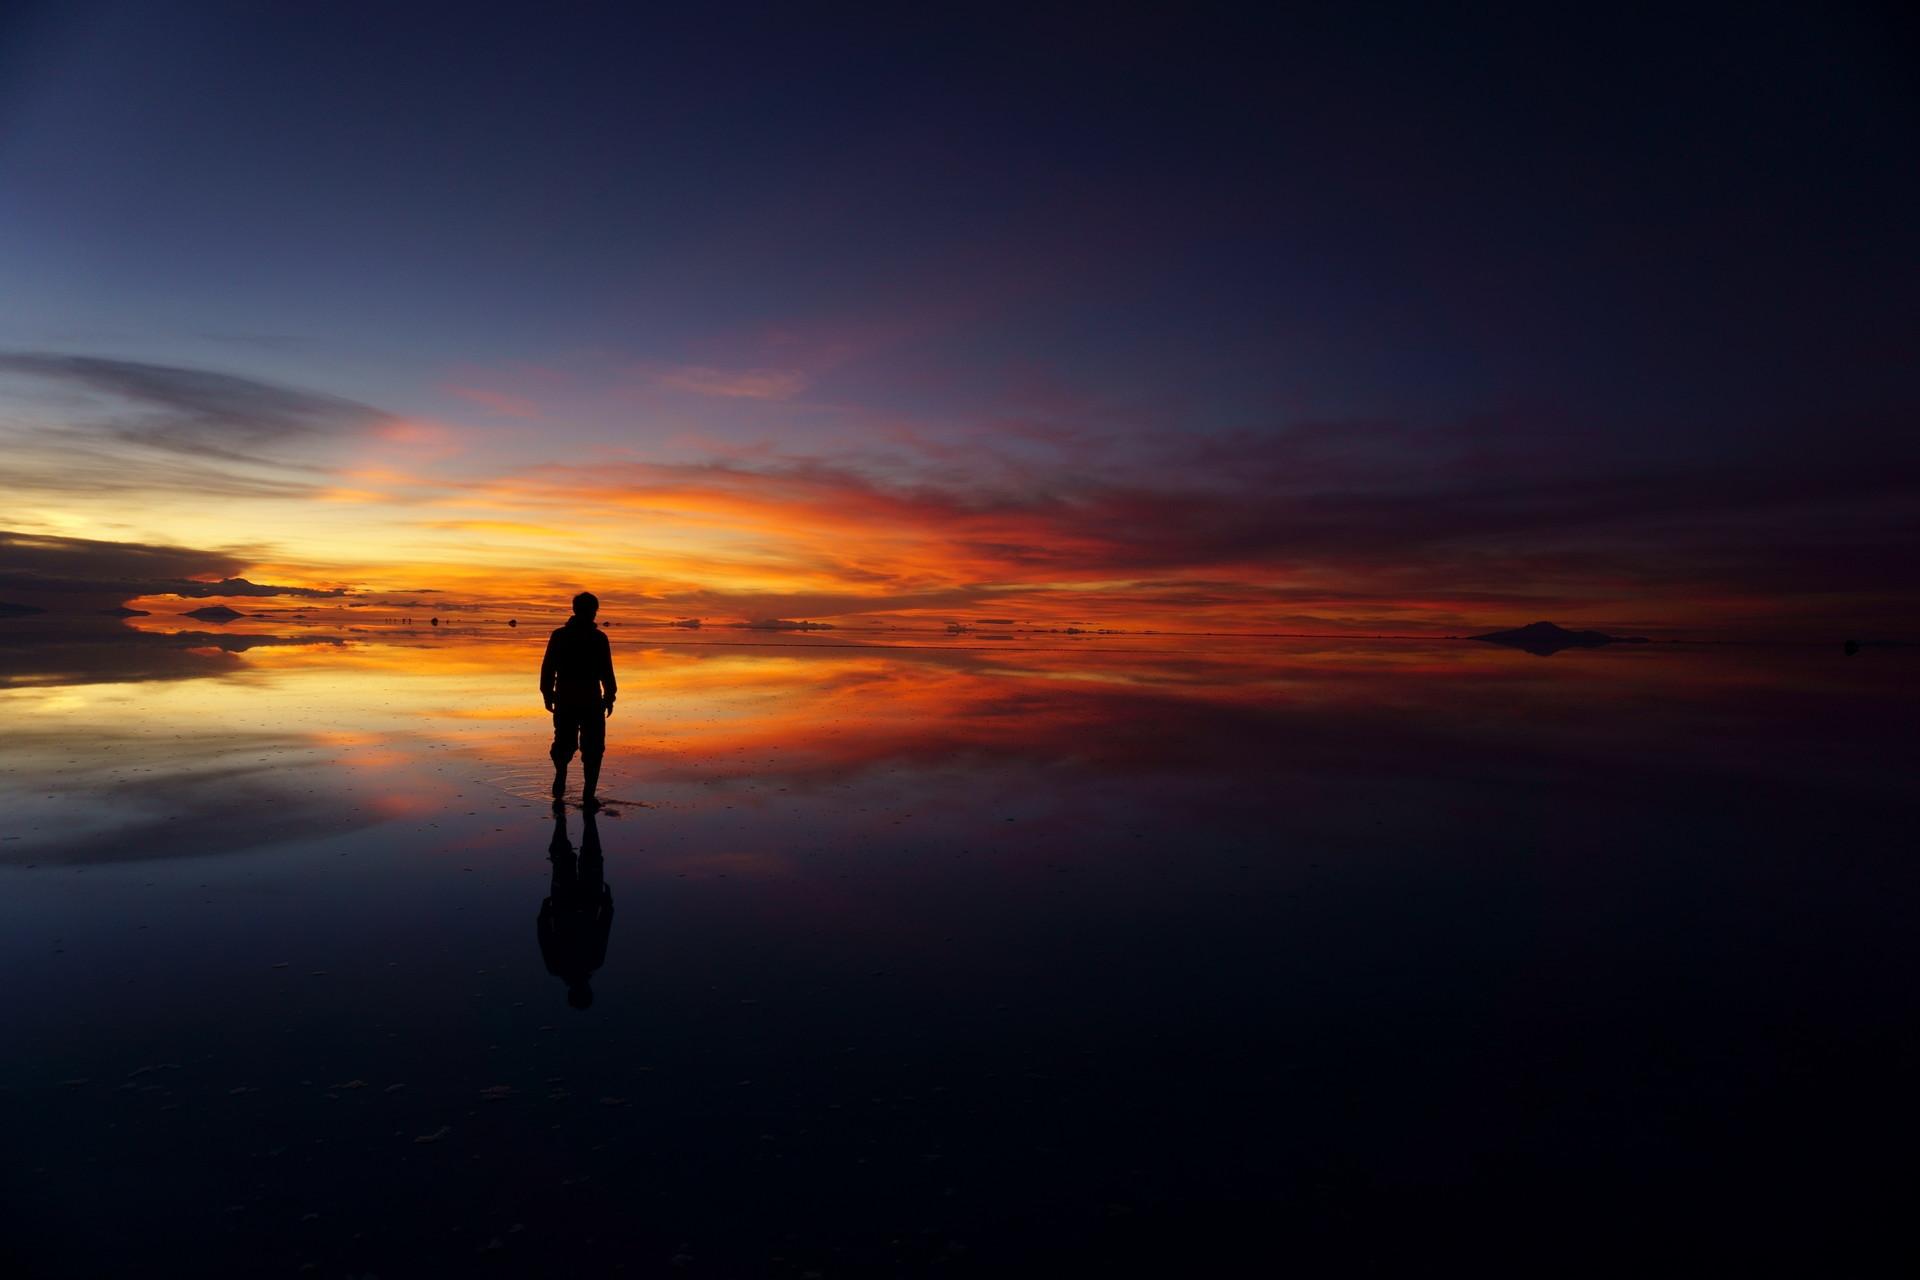 ボリビア ウユニ塩湖 サンセットサンライズ 私